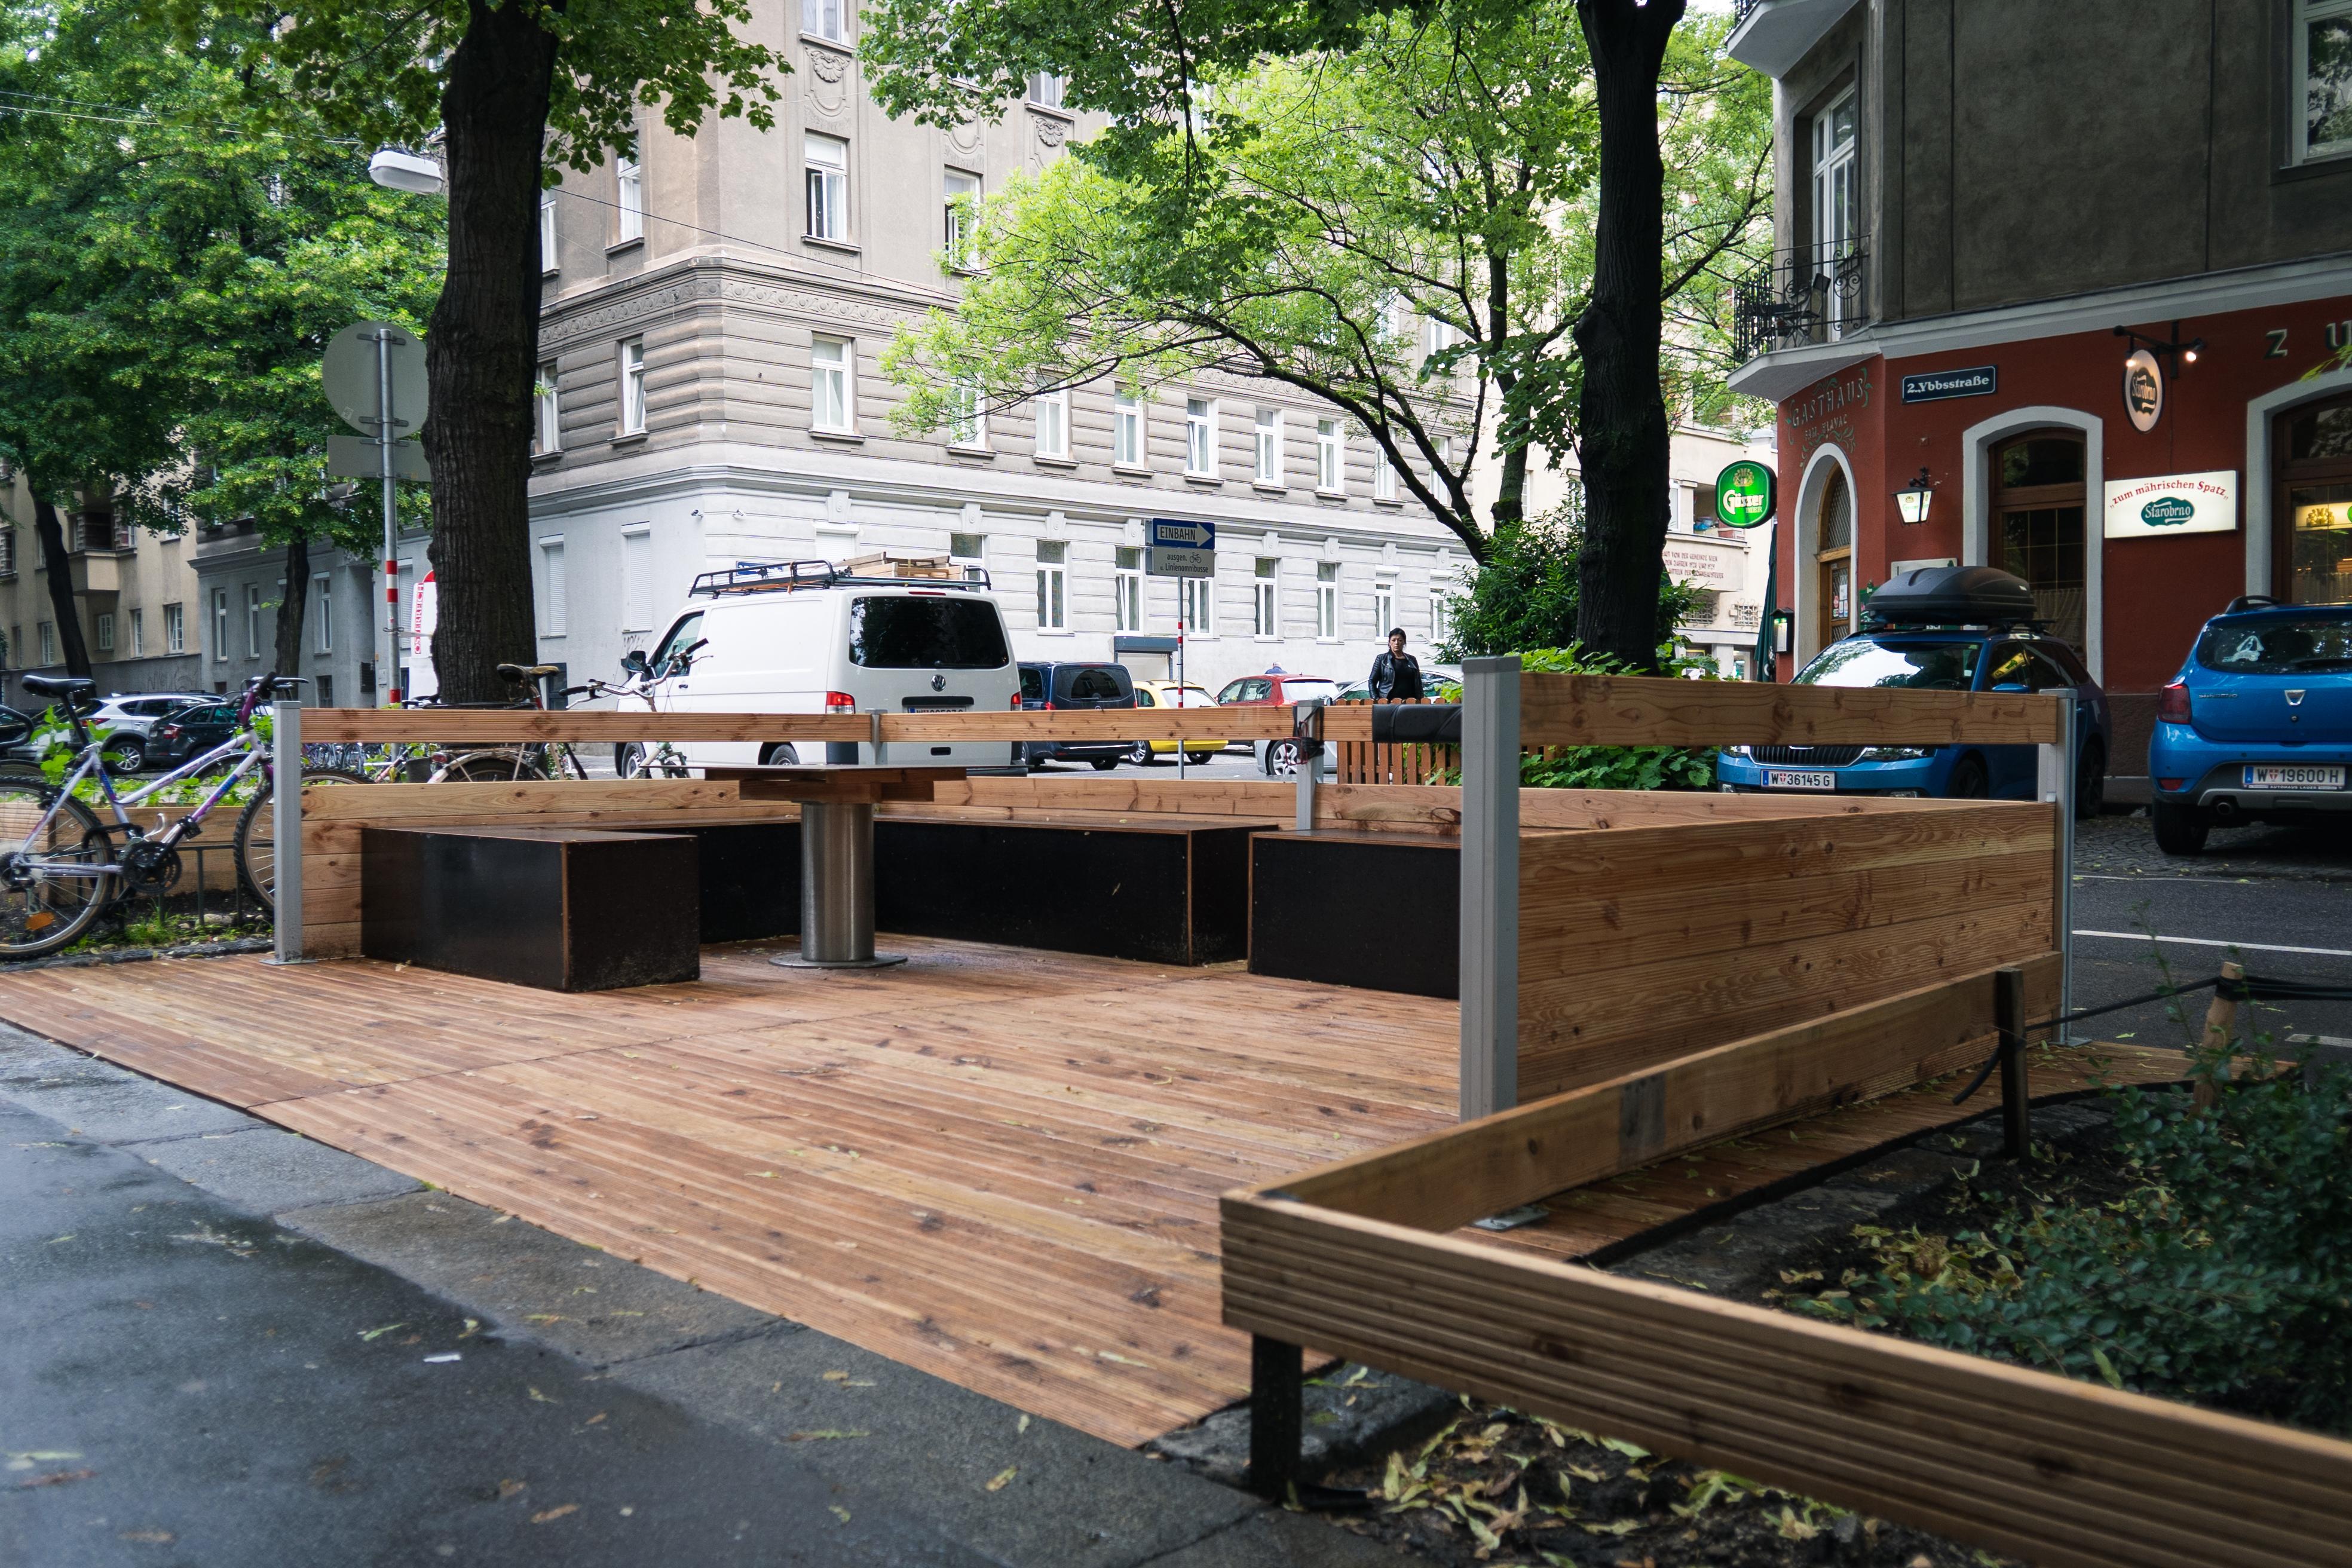 'Schraubgarten' Grätzloase vor der Selbsthilfewerkstatt 'Absteige'